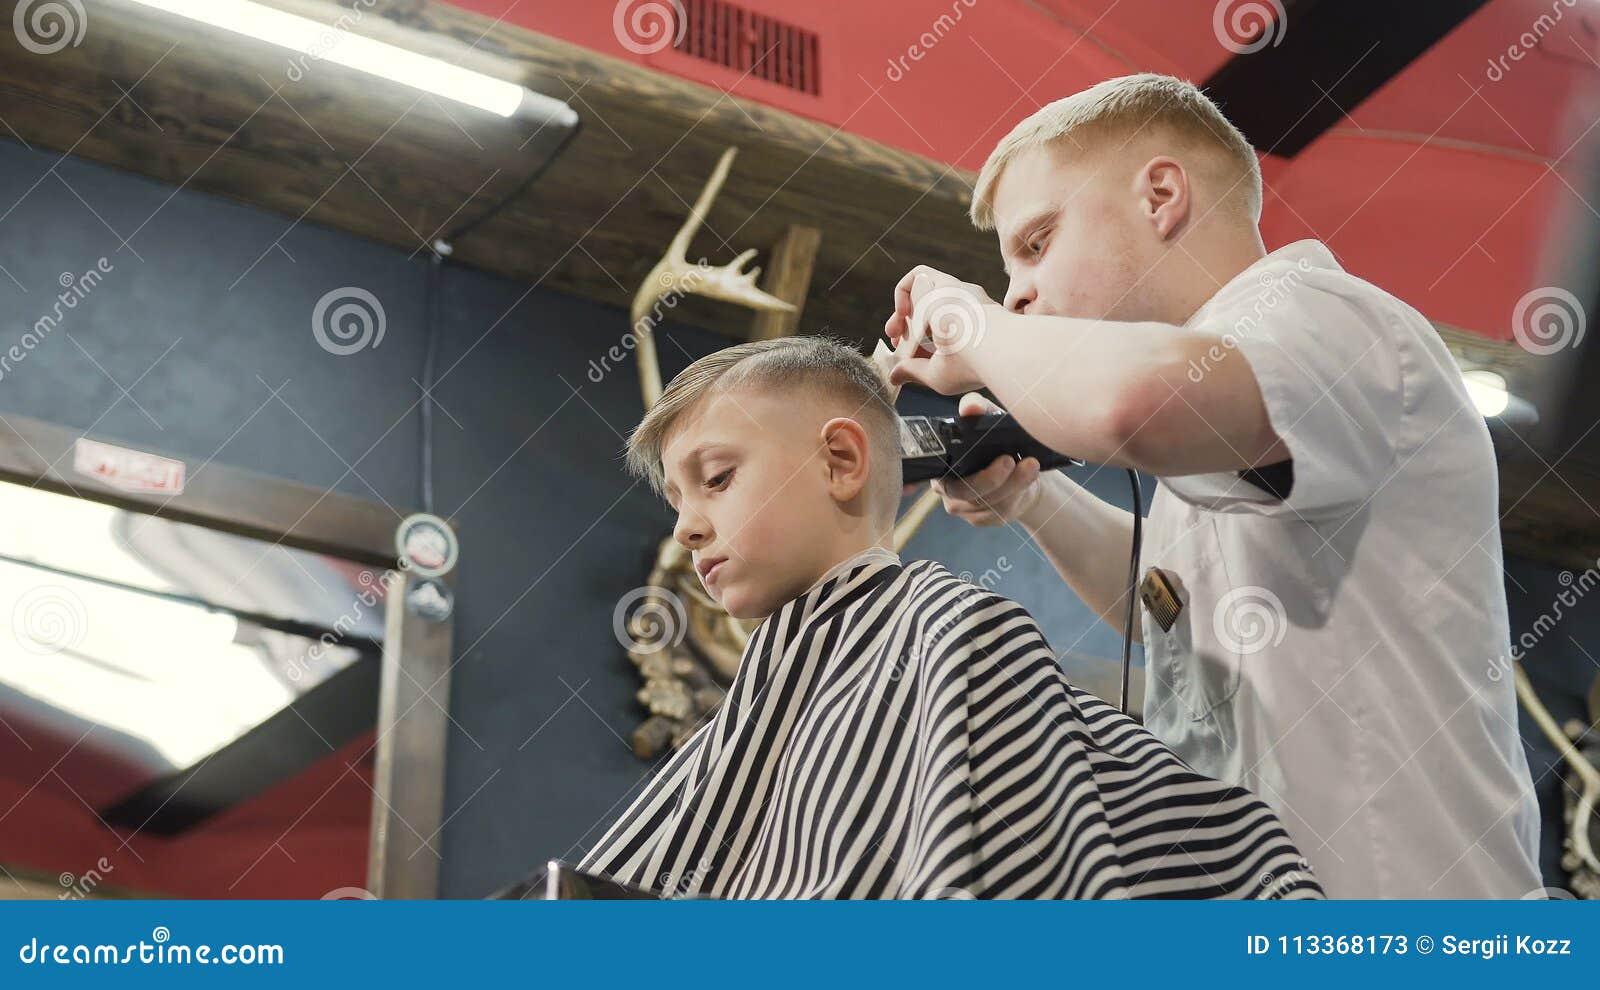 Weihnachtsgeschenke Für Kunden Friseur.Friseur Mit Kundenkind Im Friseursalon Friseur Der Trimmer Und Kamm Im Friseursalon Verwendet Nettes Kind Das Auf Sitzt